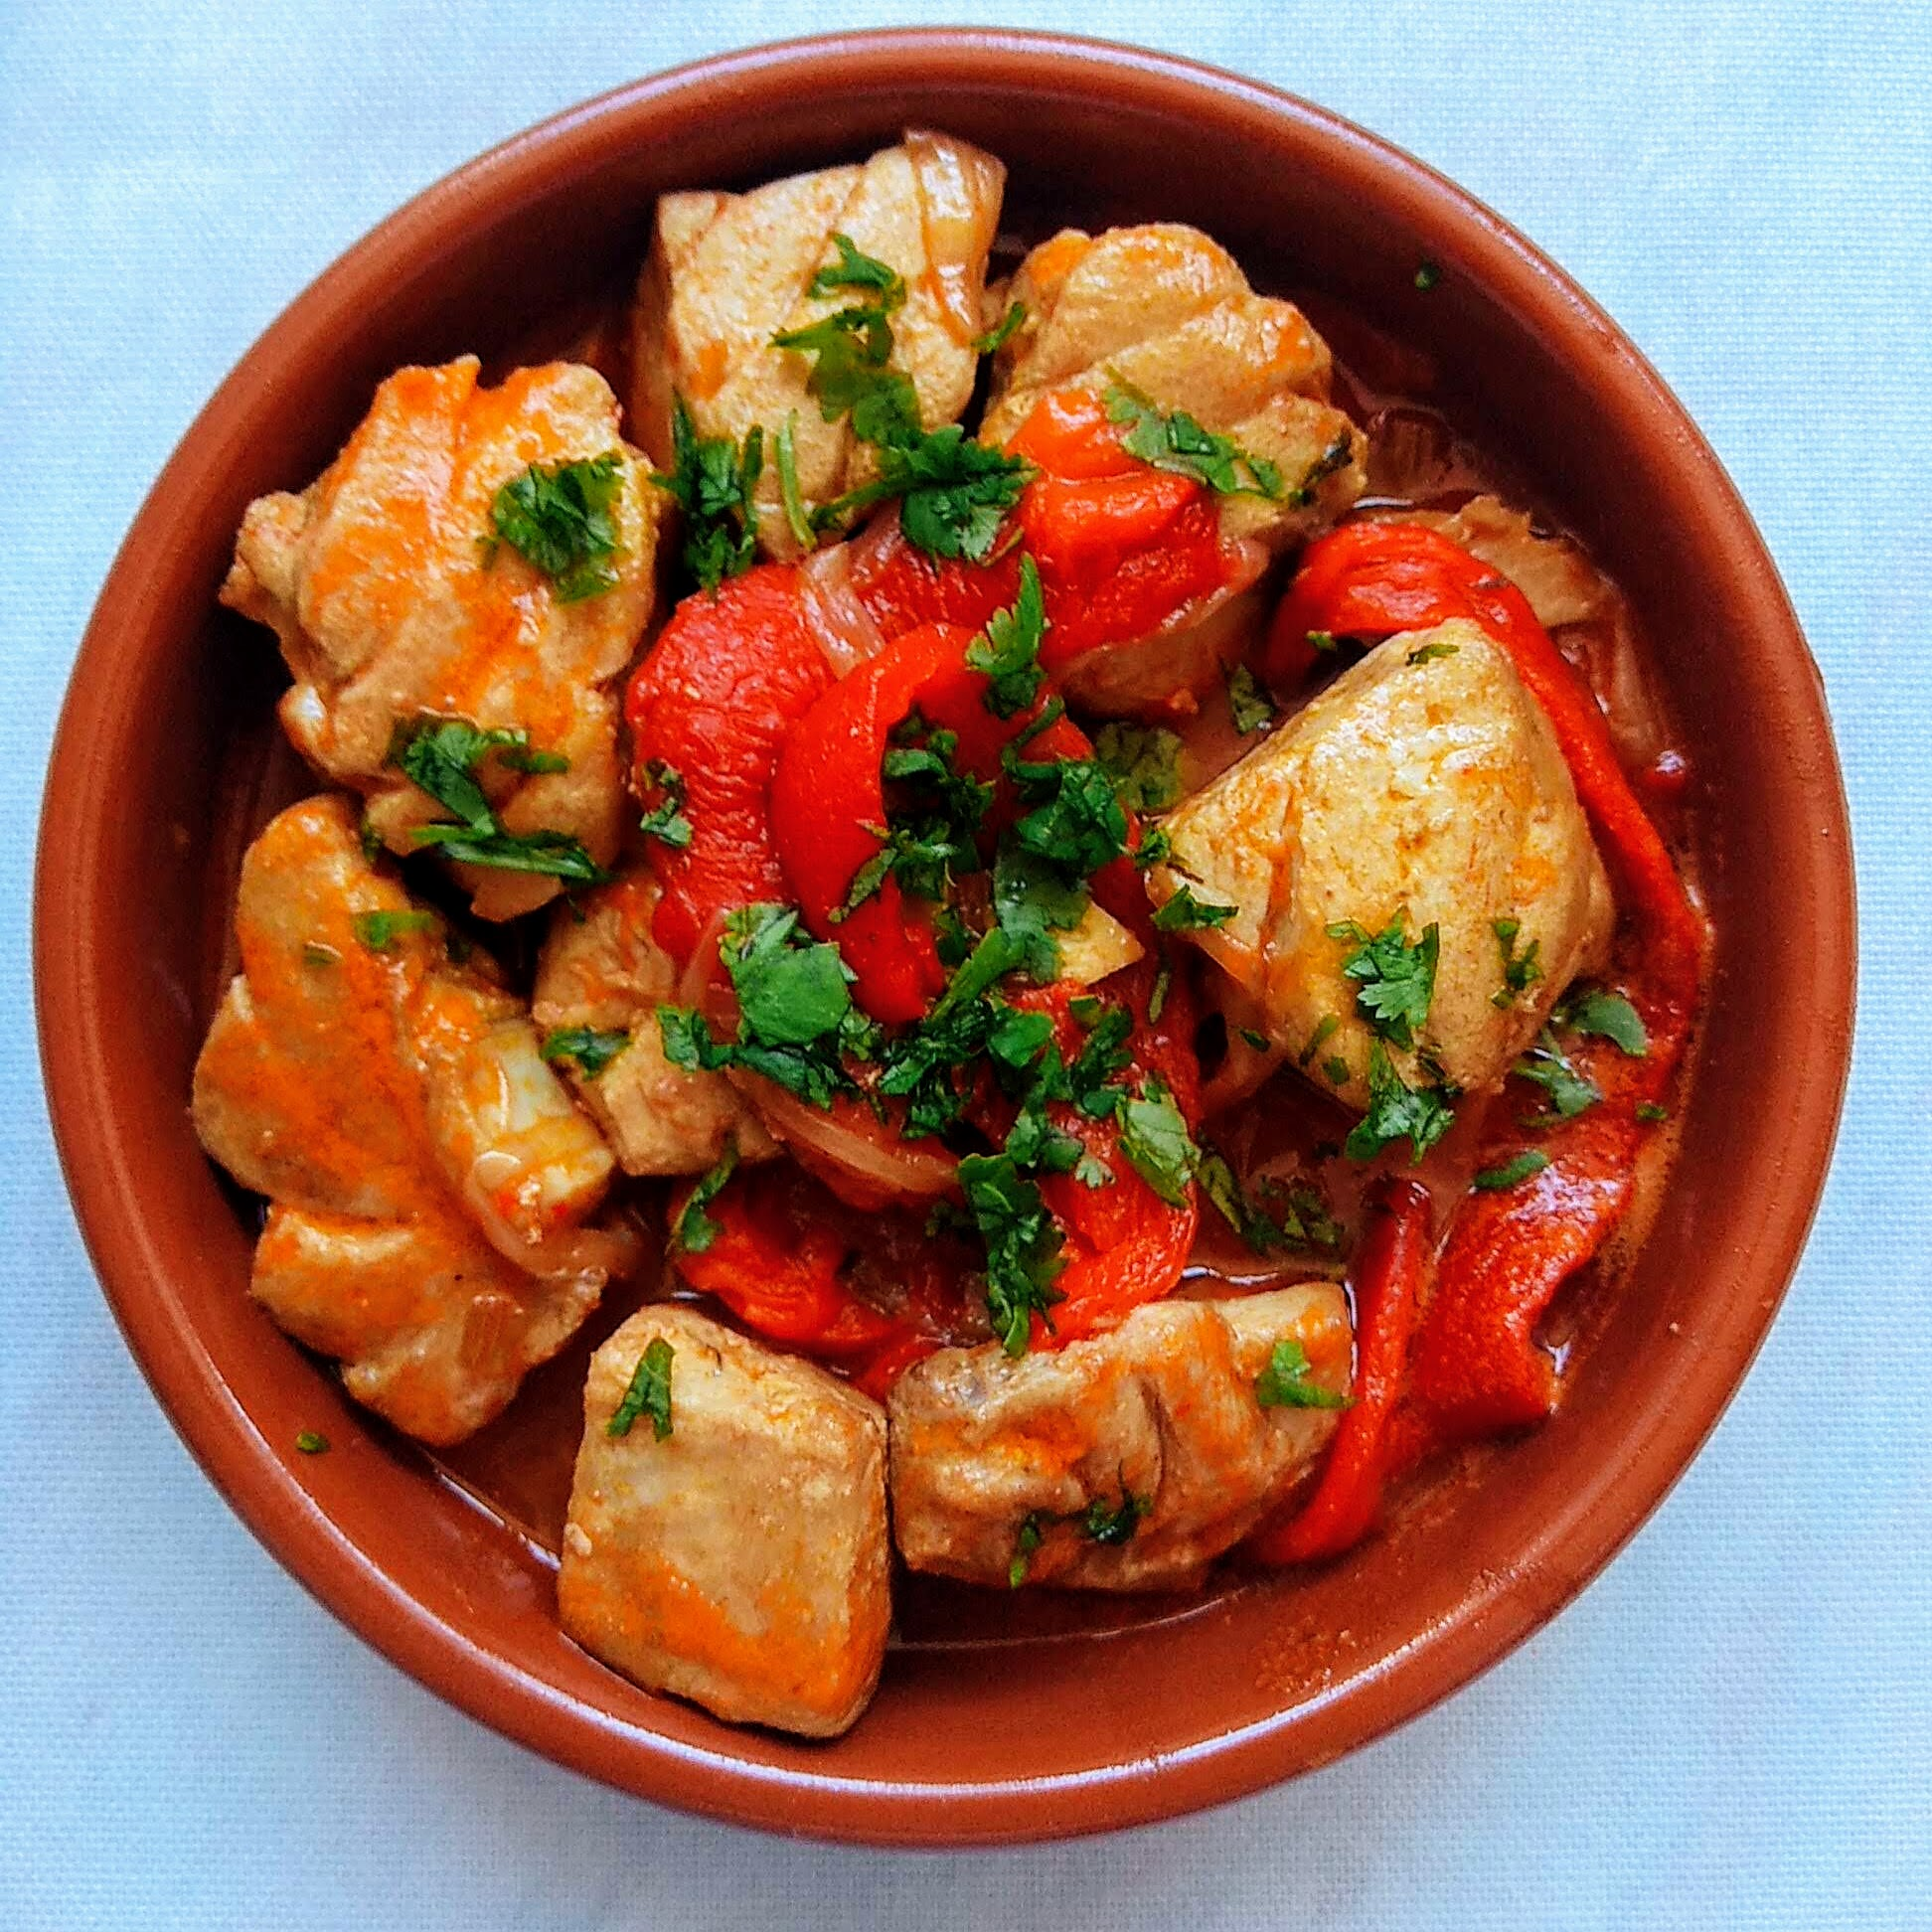 Receta de atún encebollado con pimientos asados. Descúbrela en: www.cocinandoconlola.com